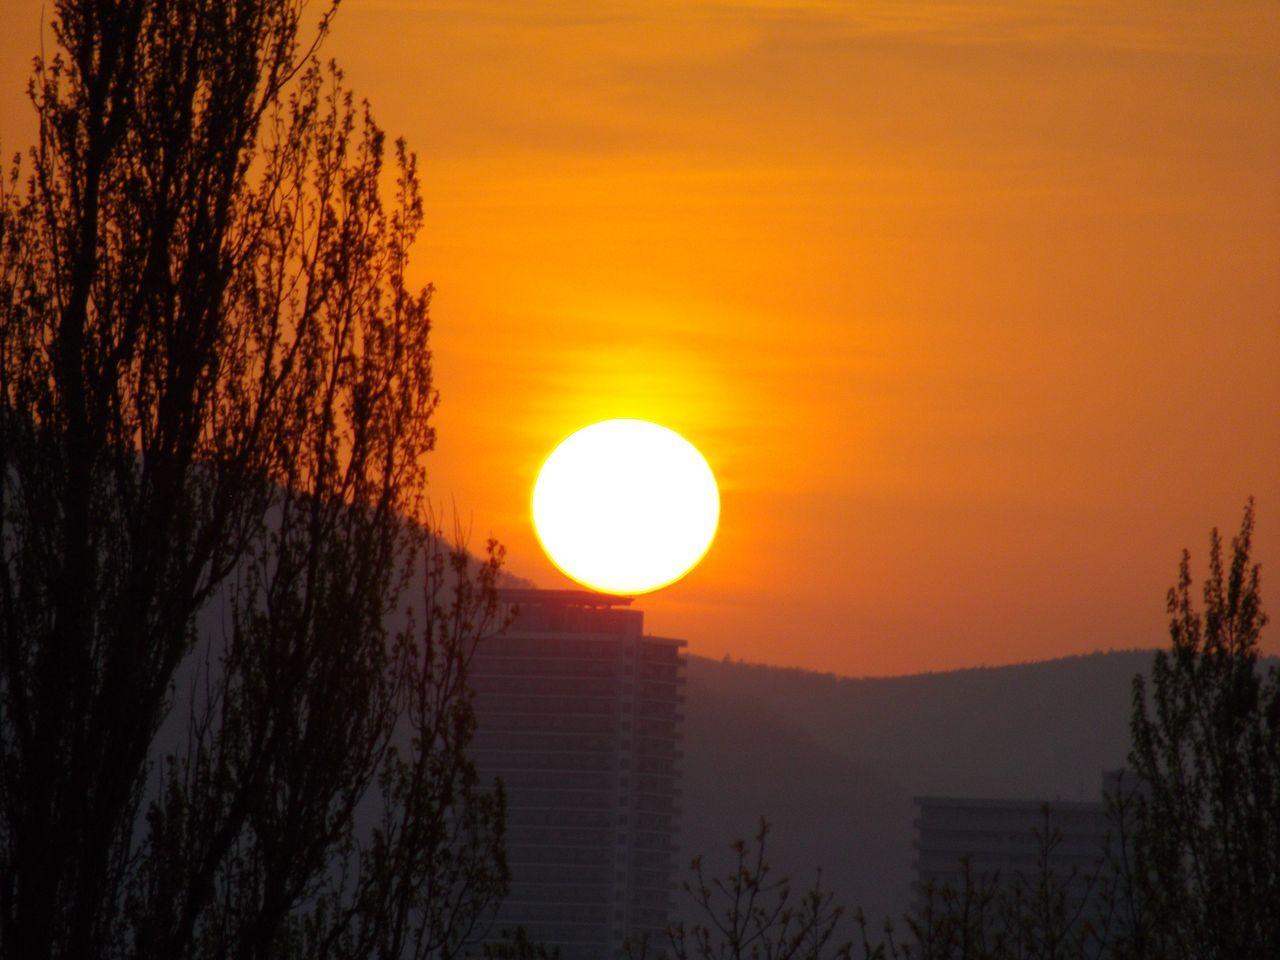 札幌らしい春の一日か_c0025115_20260658.jpg